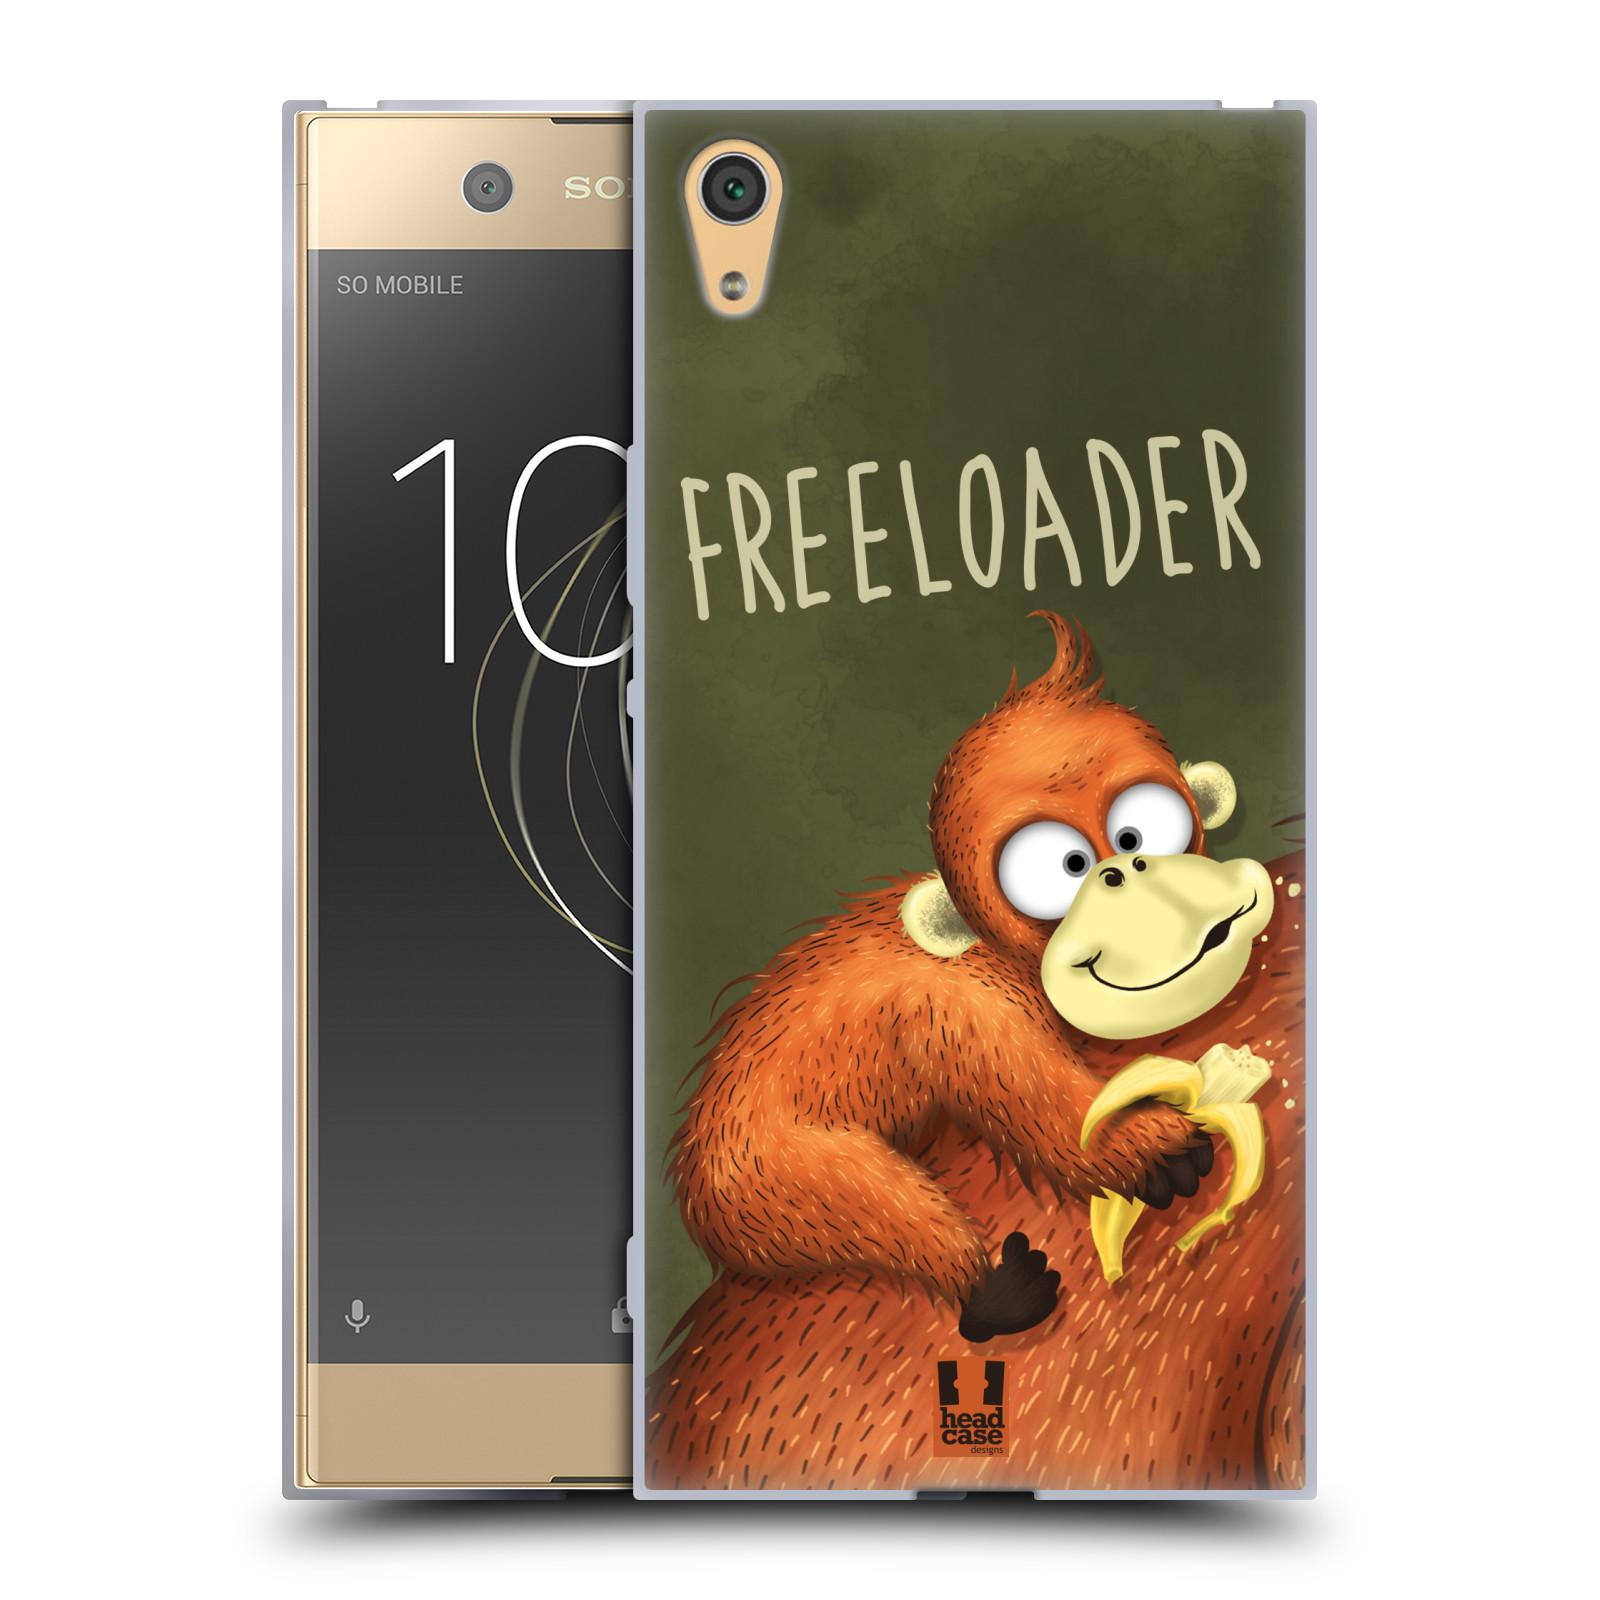 Silikonové pouzdro na mobil Sony Xperia XA1 Ultra - Head Case - Opičák Freeloader